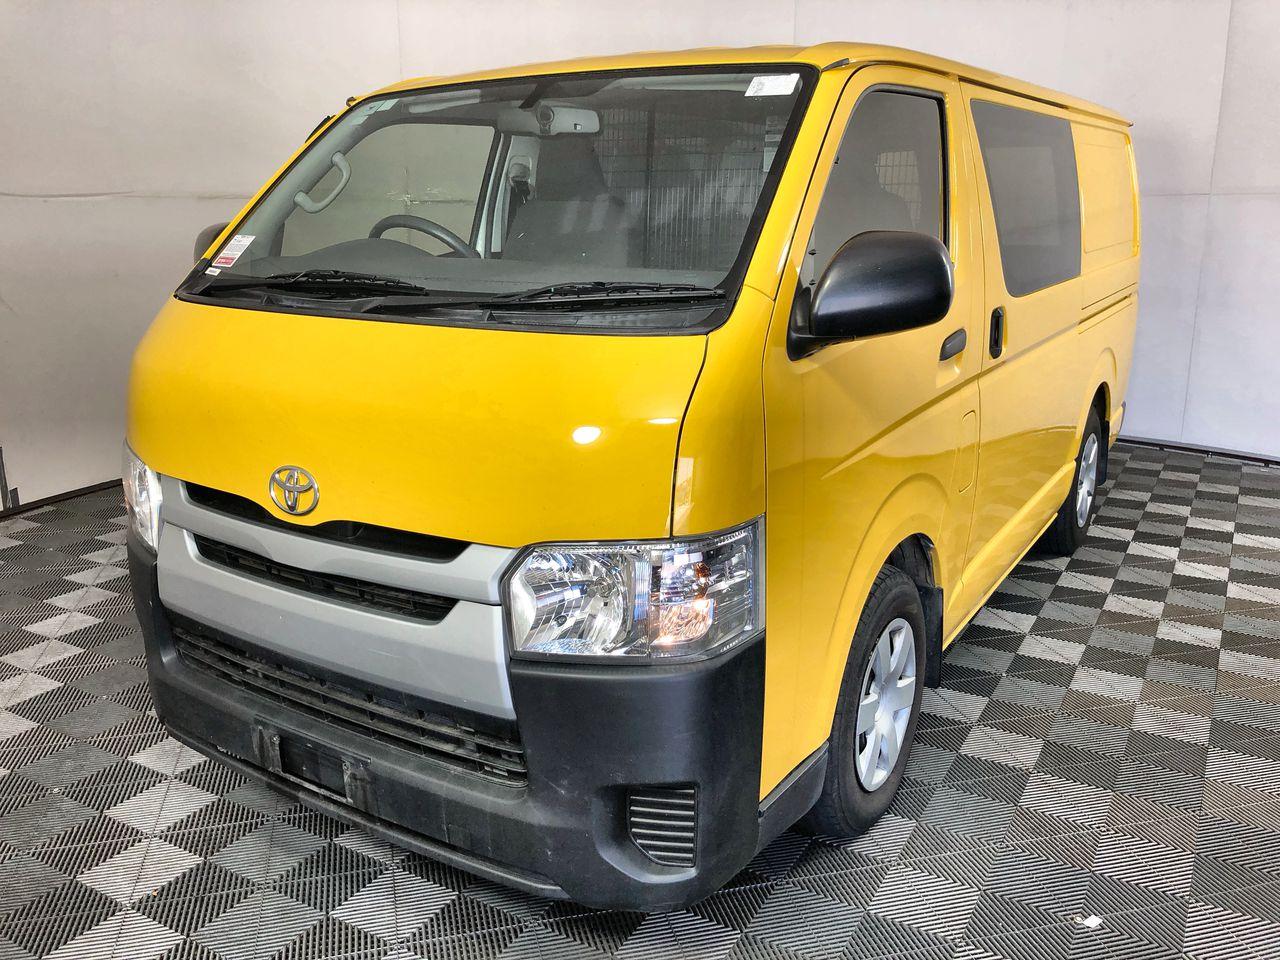 2016 Toyota Hiace LWB Van 3.0 T/Diesl 117,917 km's (service History)